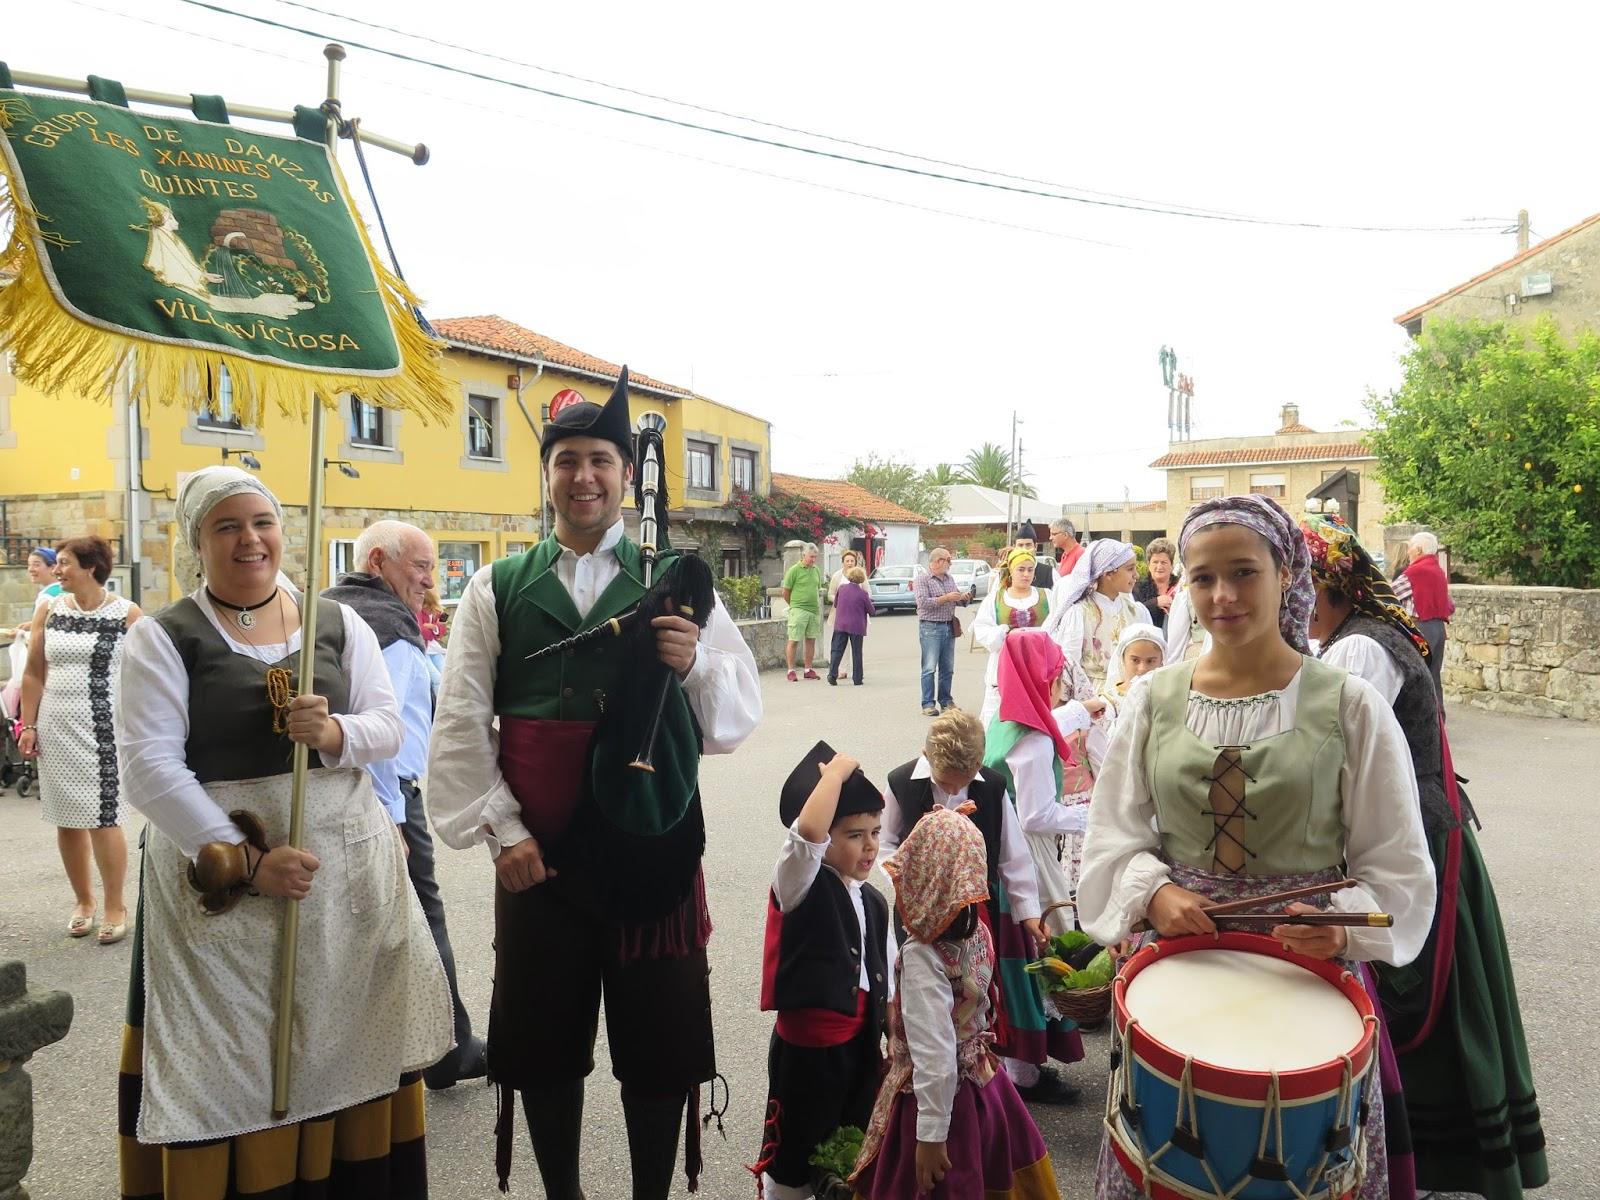 QUINTES Mirador del Cantábrico Fiesta de San Antonio 2015